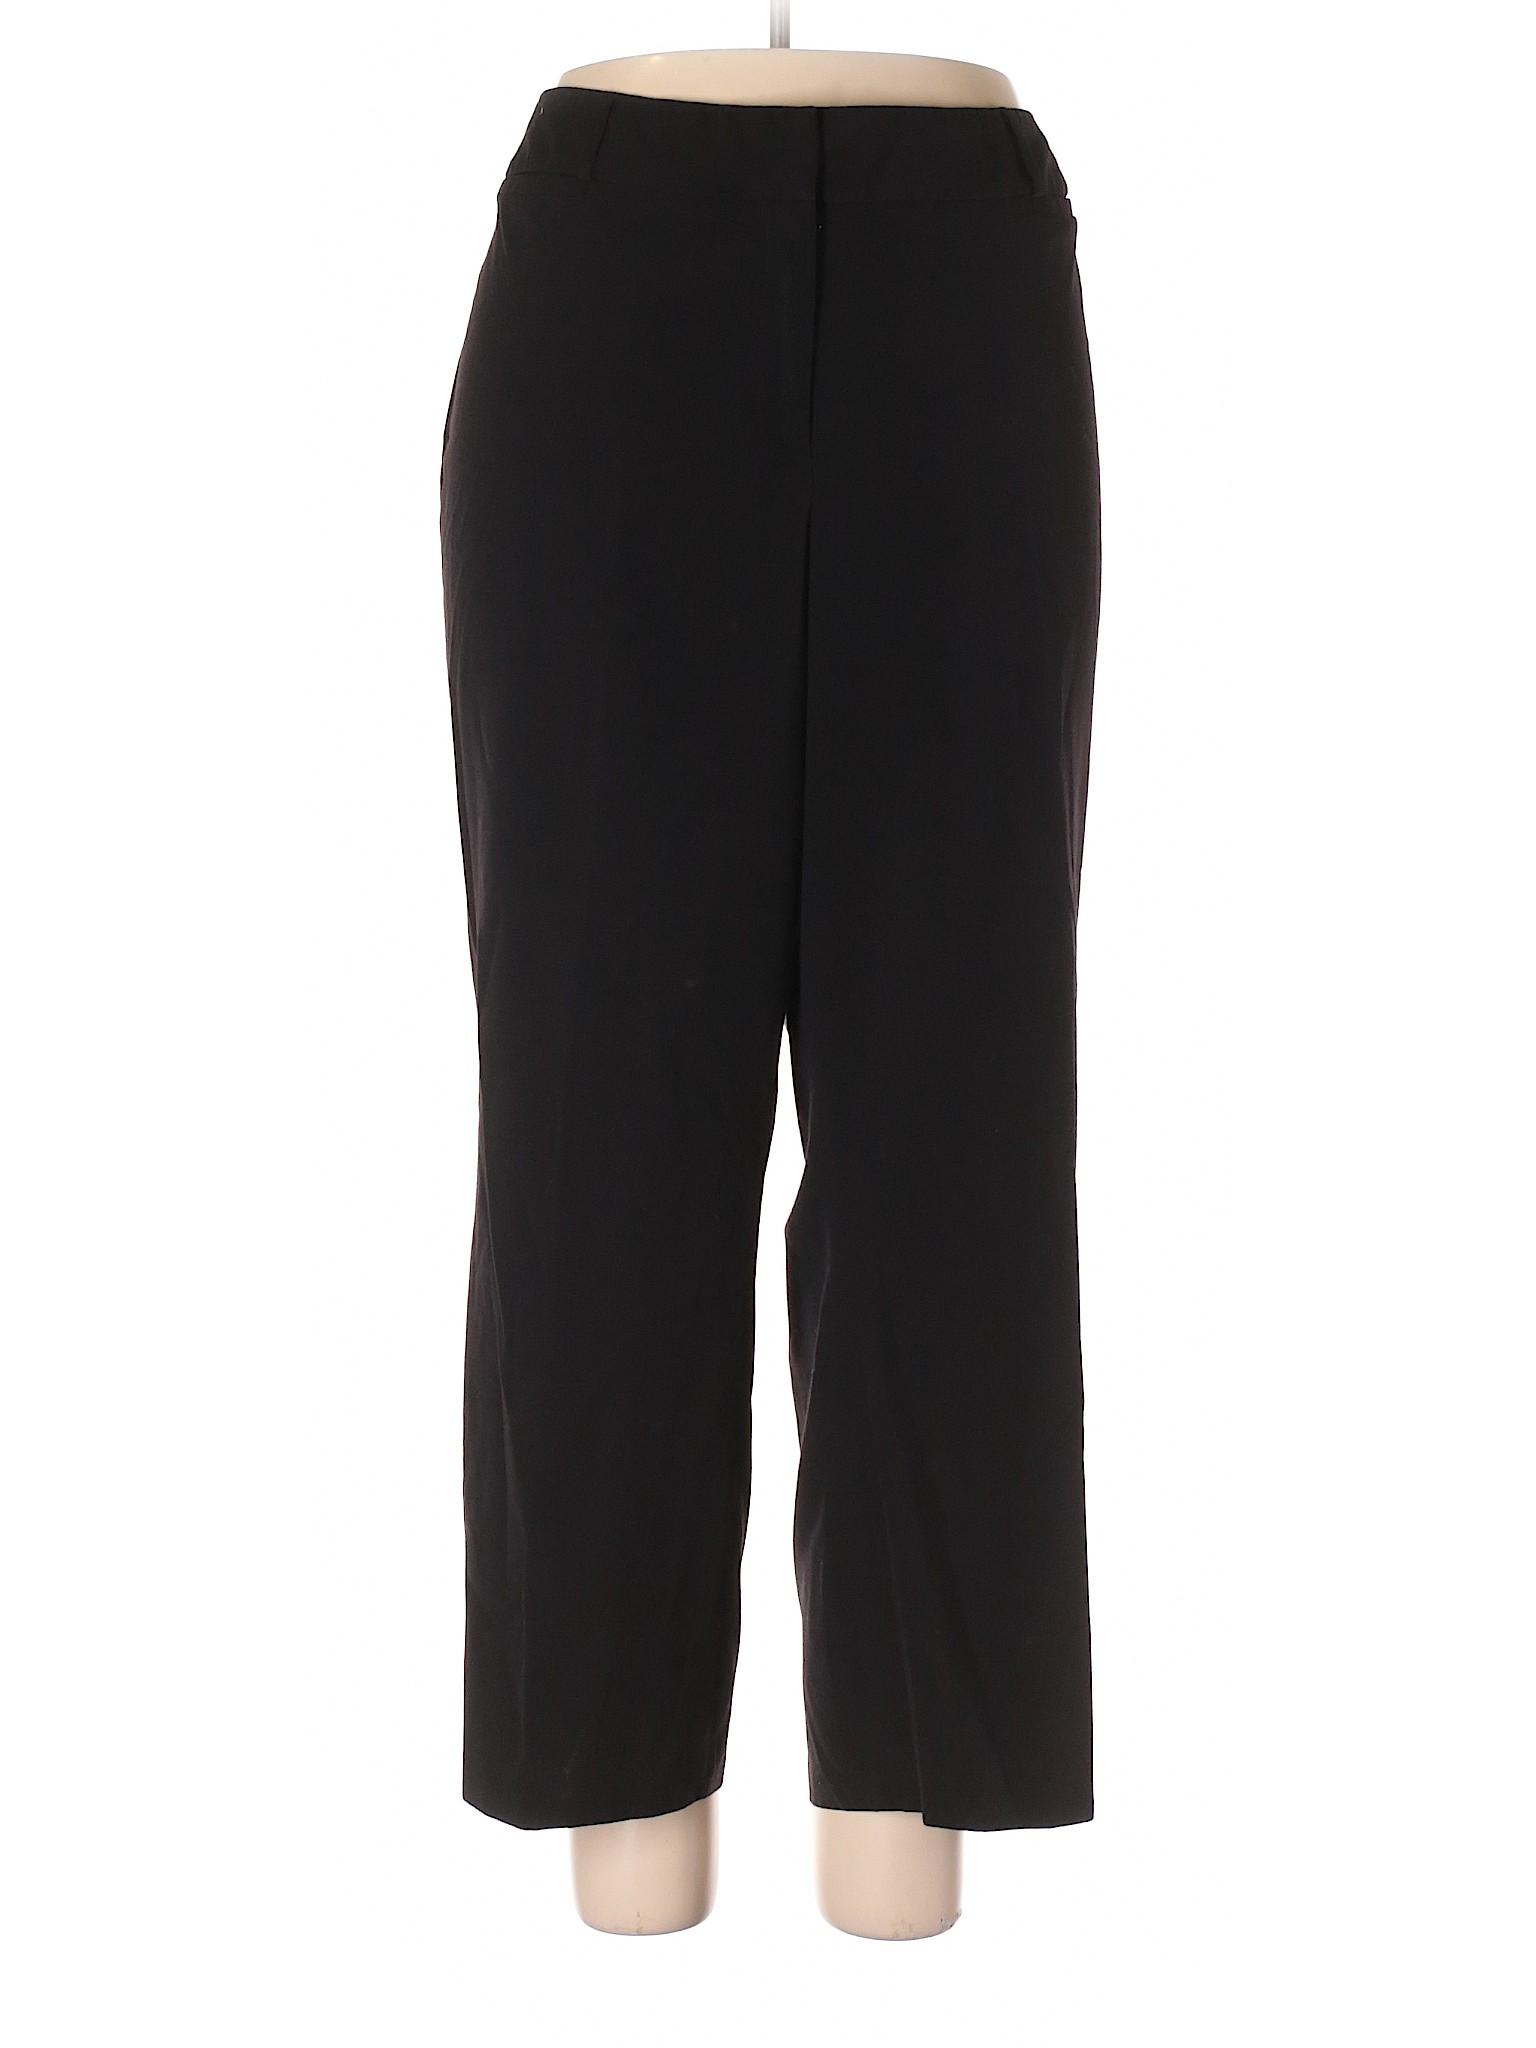 Boutique Pants Rachel amp; leisure Dress Zac SwBSqPxz